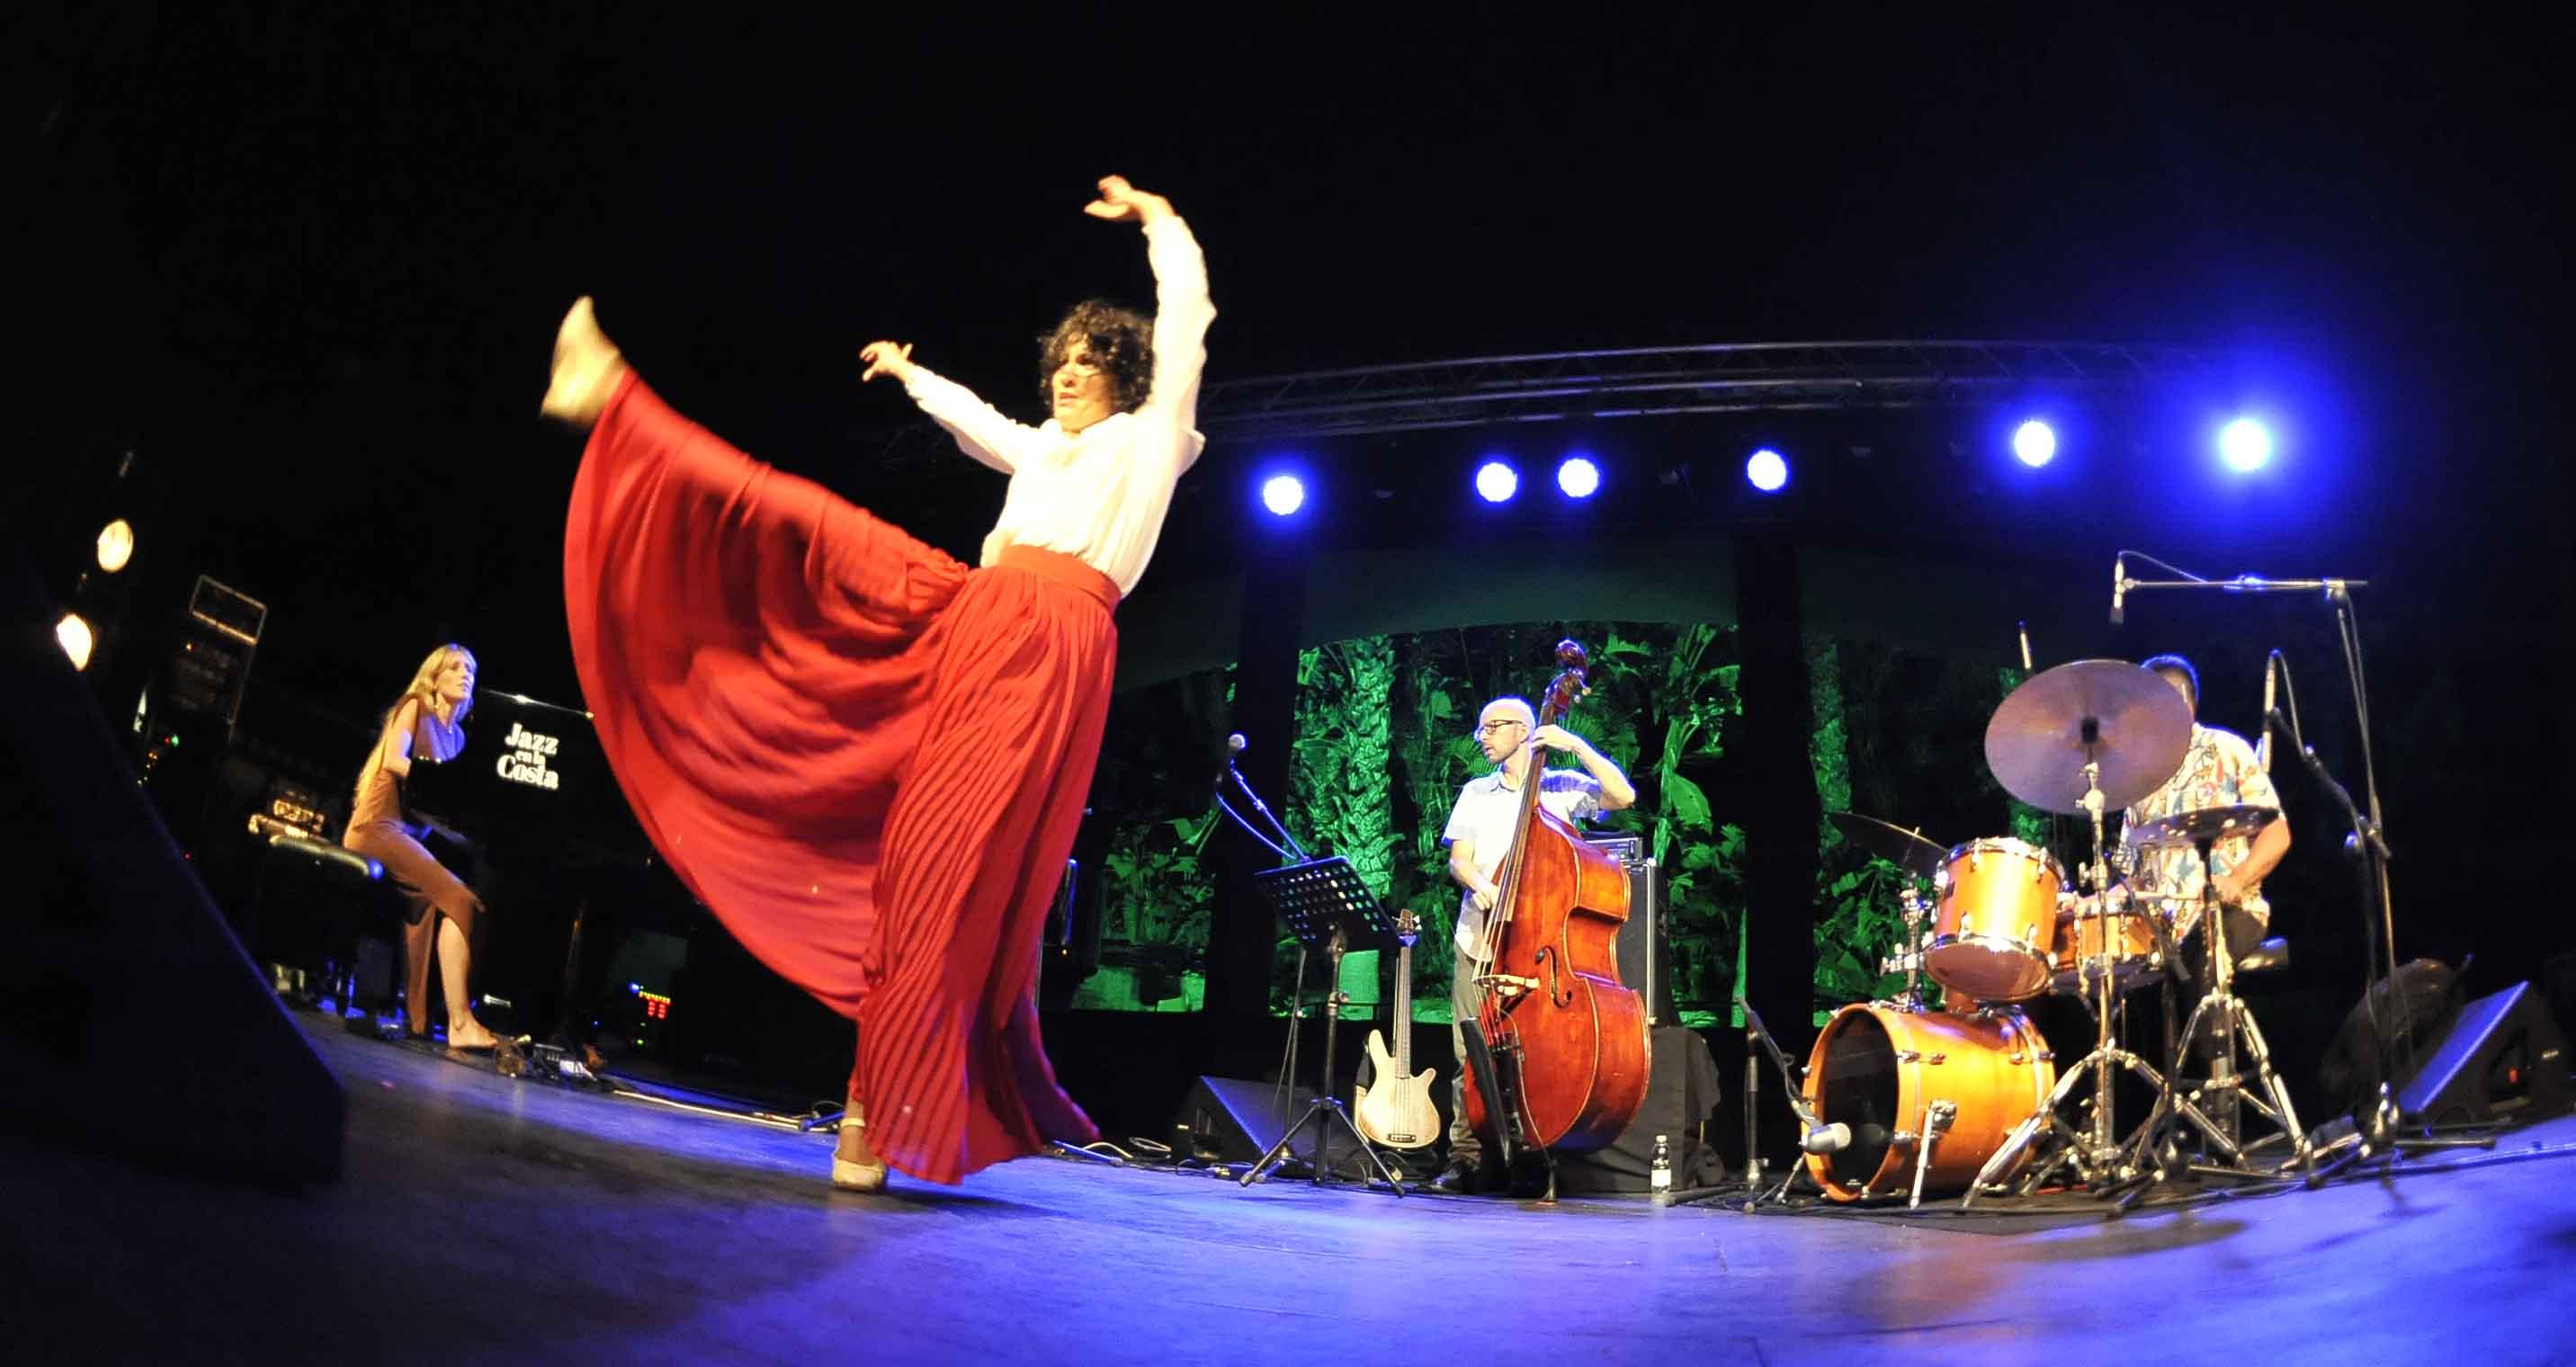 El viaje sonoro del trío M.A.P. asombra al público  de Jazz en la Costa